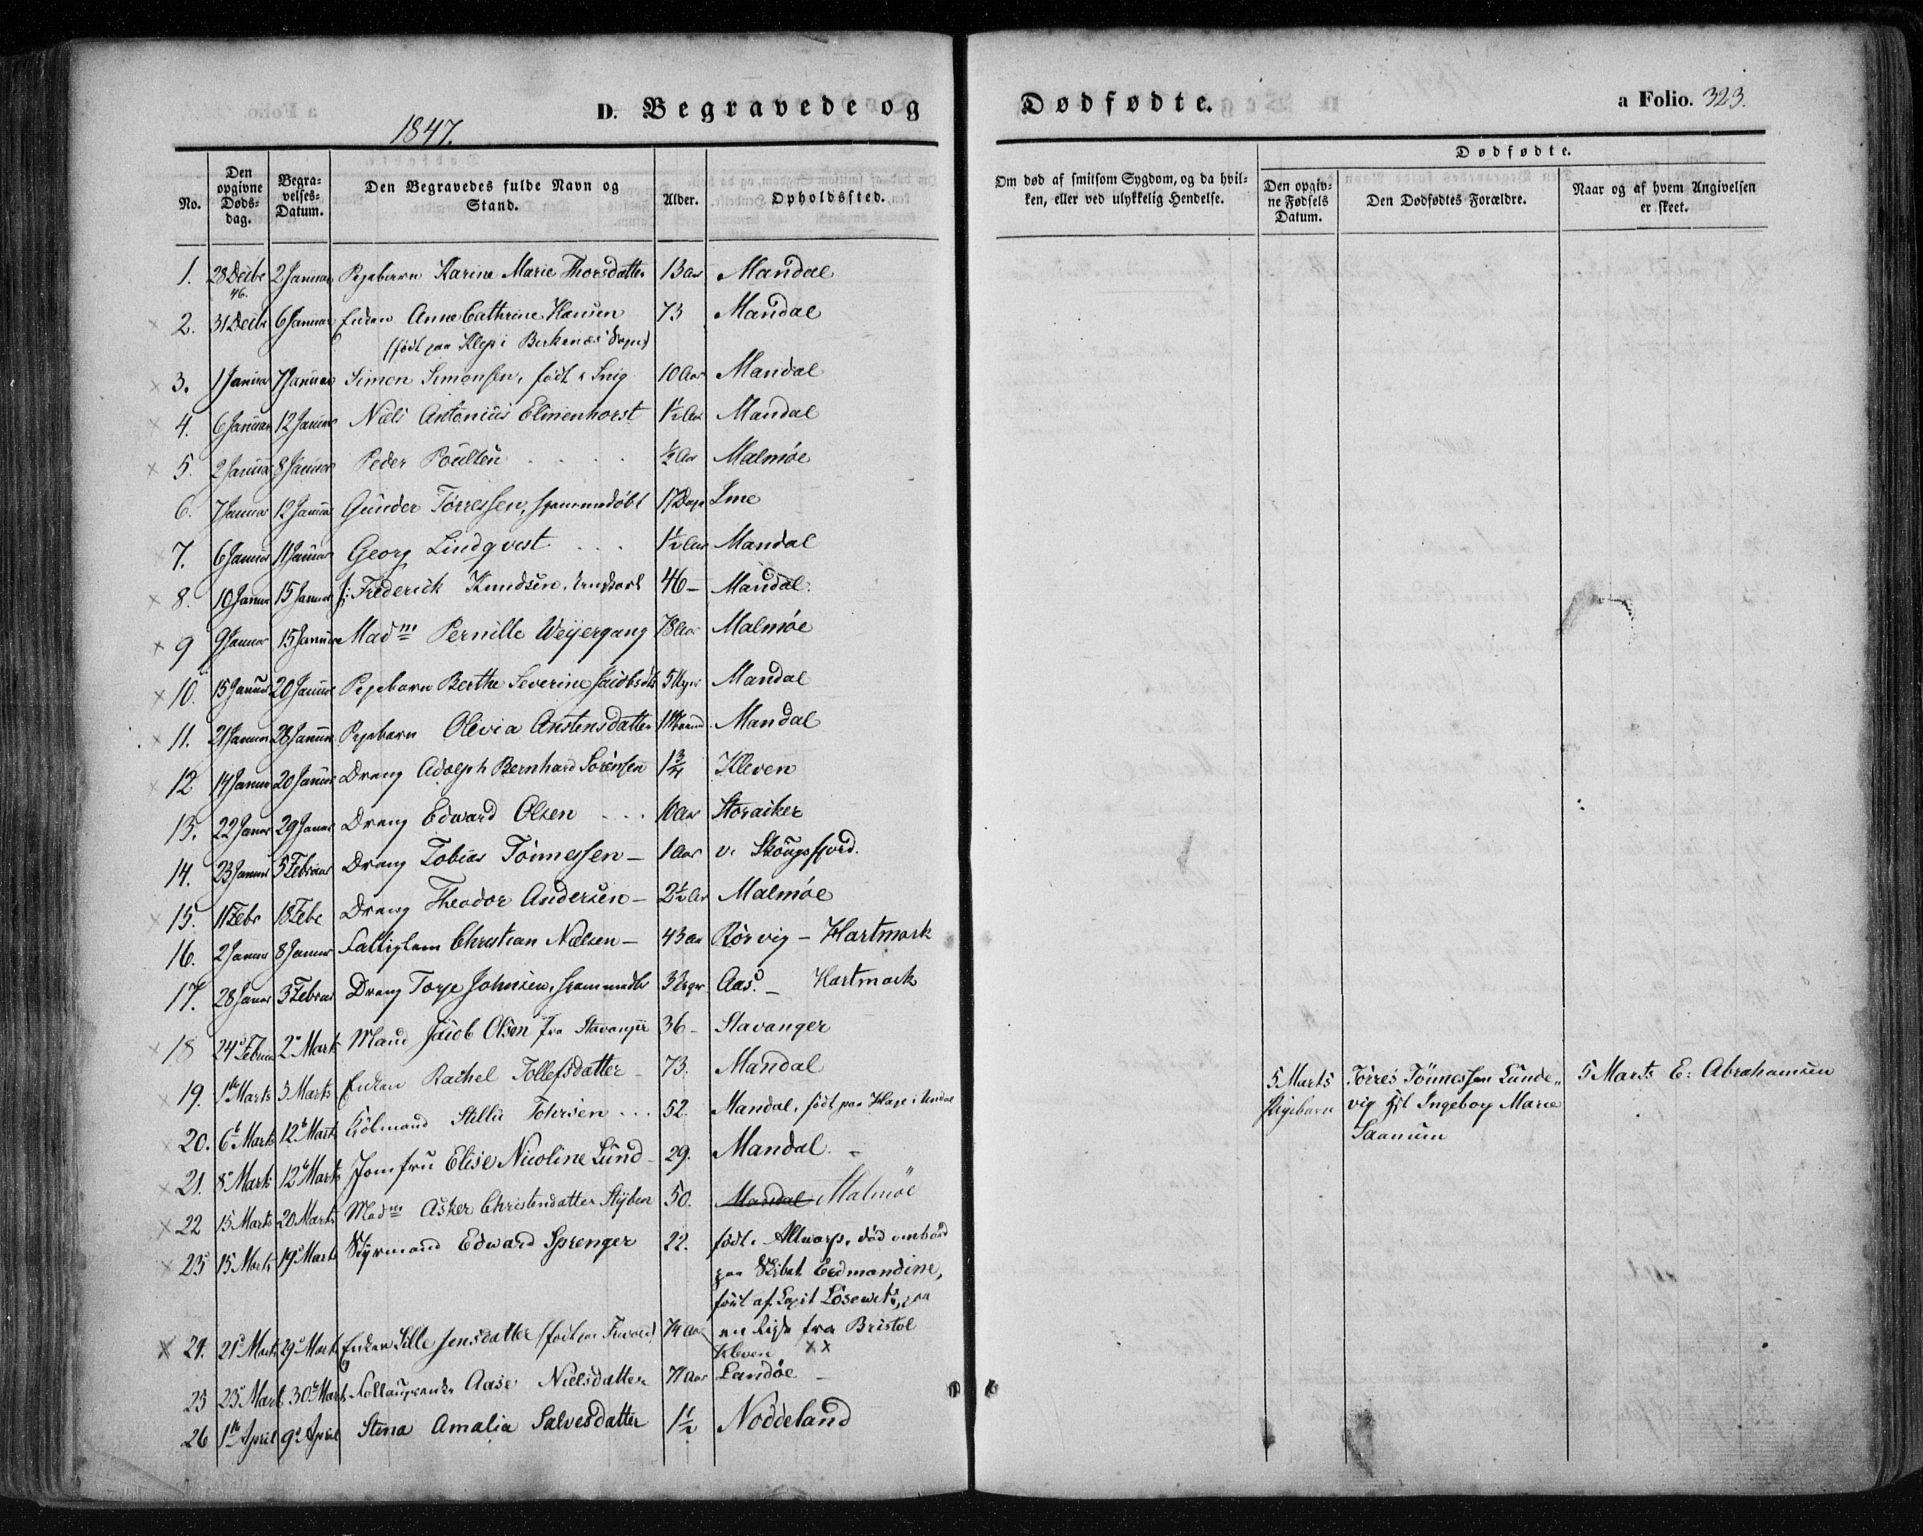 SAK, Mandal sokneprestkontor, F/Fa/Faa/L0013: Ministerialbok nr. A 13, 1847-1859, s. 323